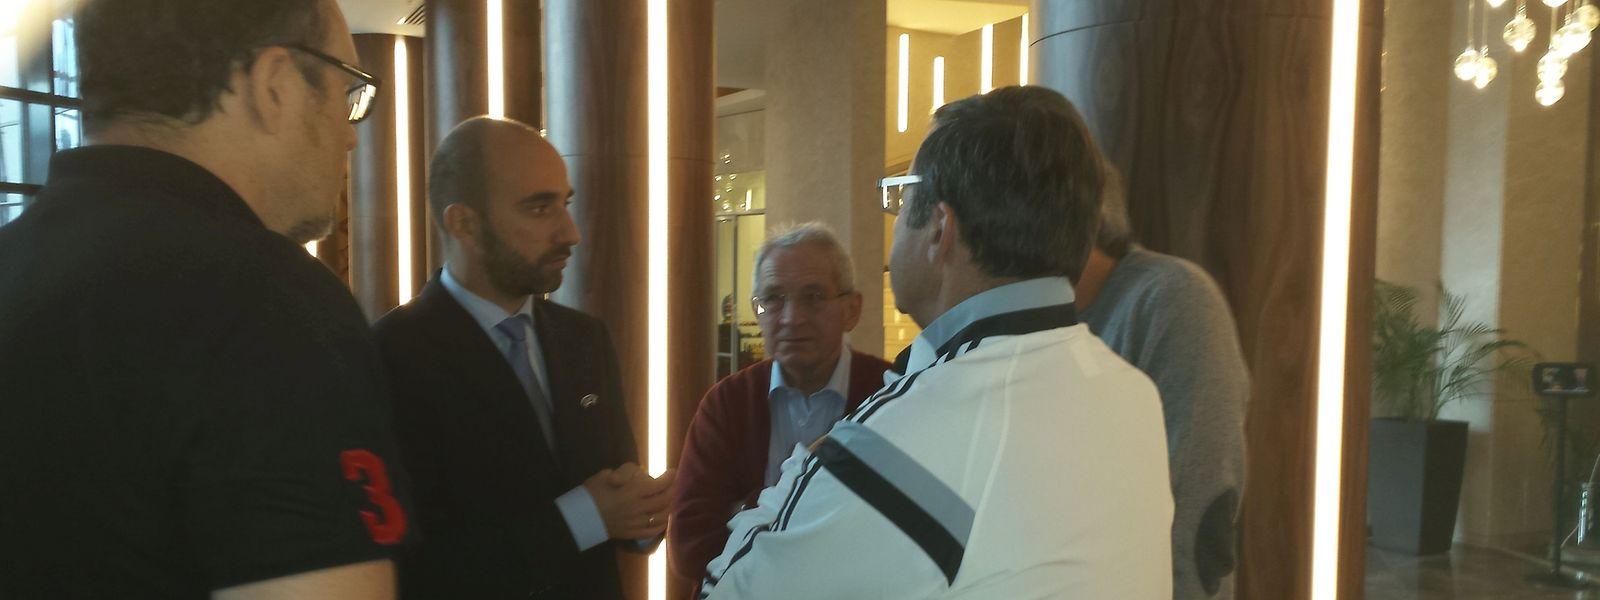 Le Docteur Huberty (training blanc) en discussion avec le délégué de l'UEFA, Dimitri Bokeria, dans le hall de l'Hôtel Renaissance Minsk